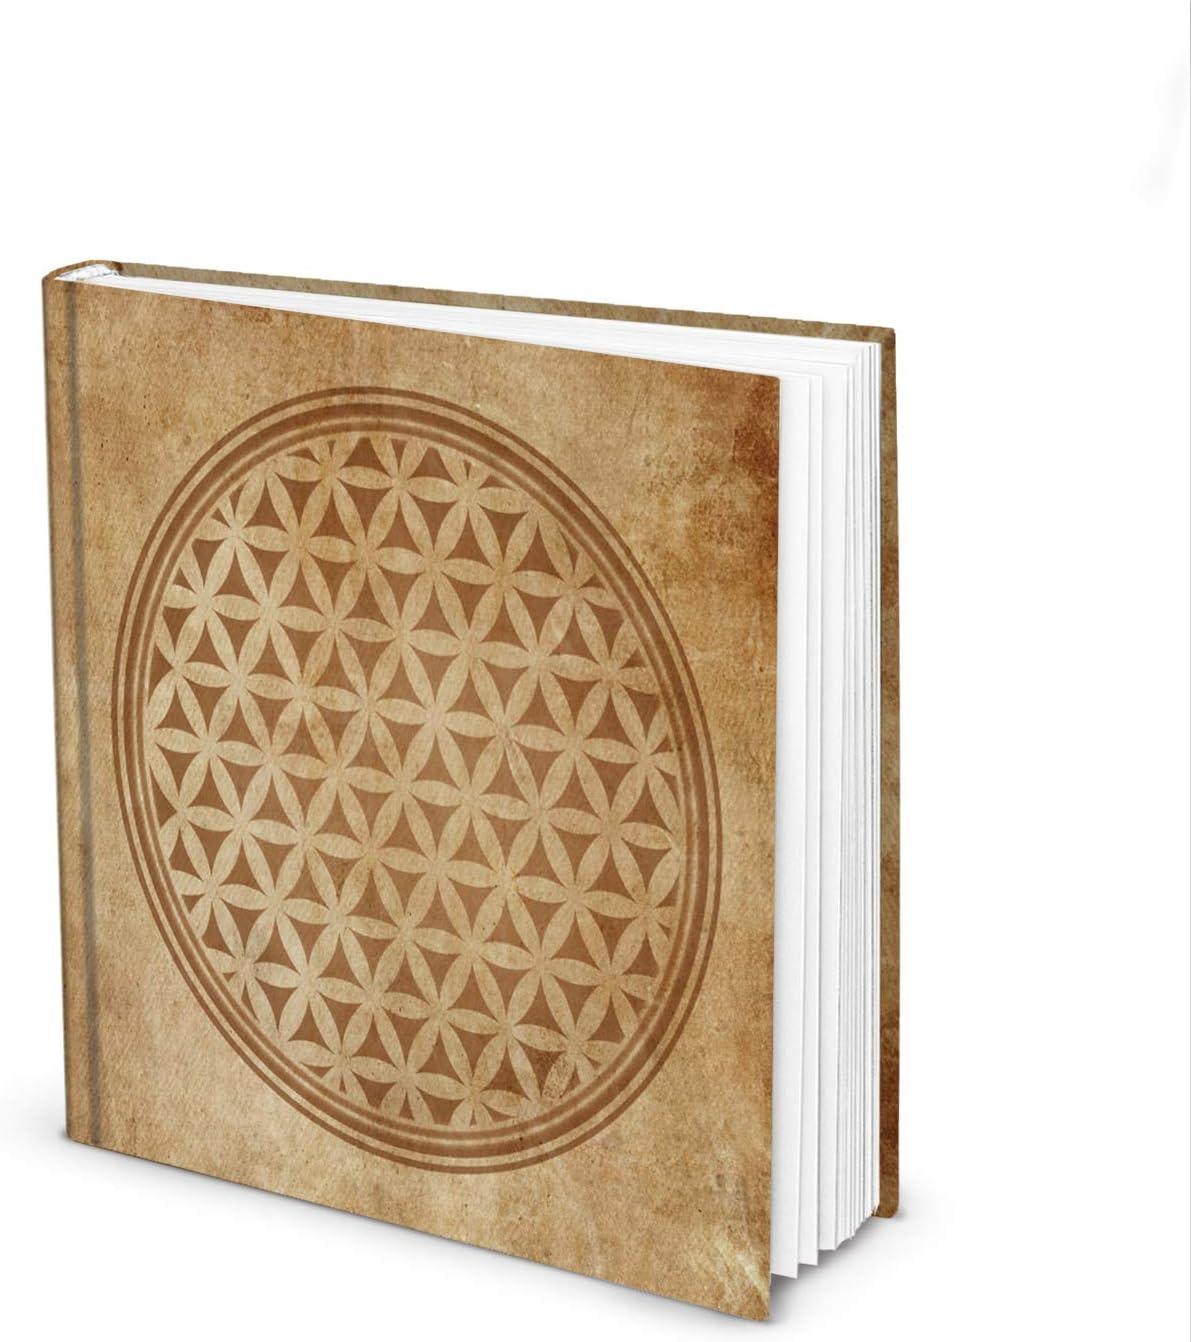 Logbuch-Verlag Libreta cuadrada con diseño de flor de la vida, en blanco, beige, marrón, 21 x 21 cm, estilo vintage, libro de visitas con flor de la vida